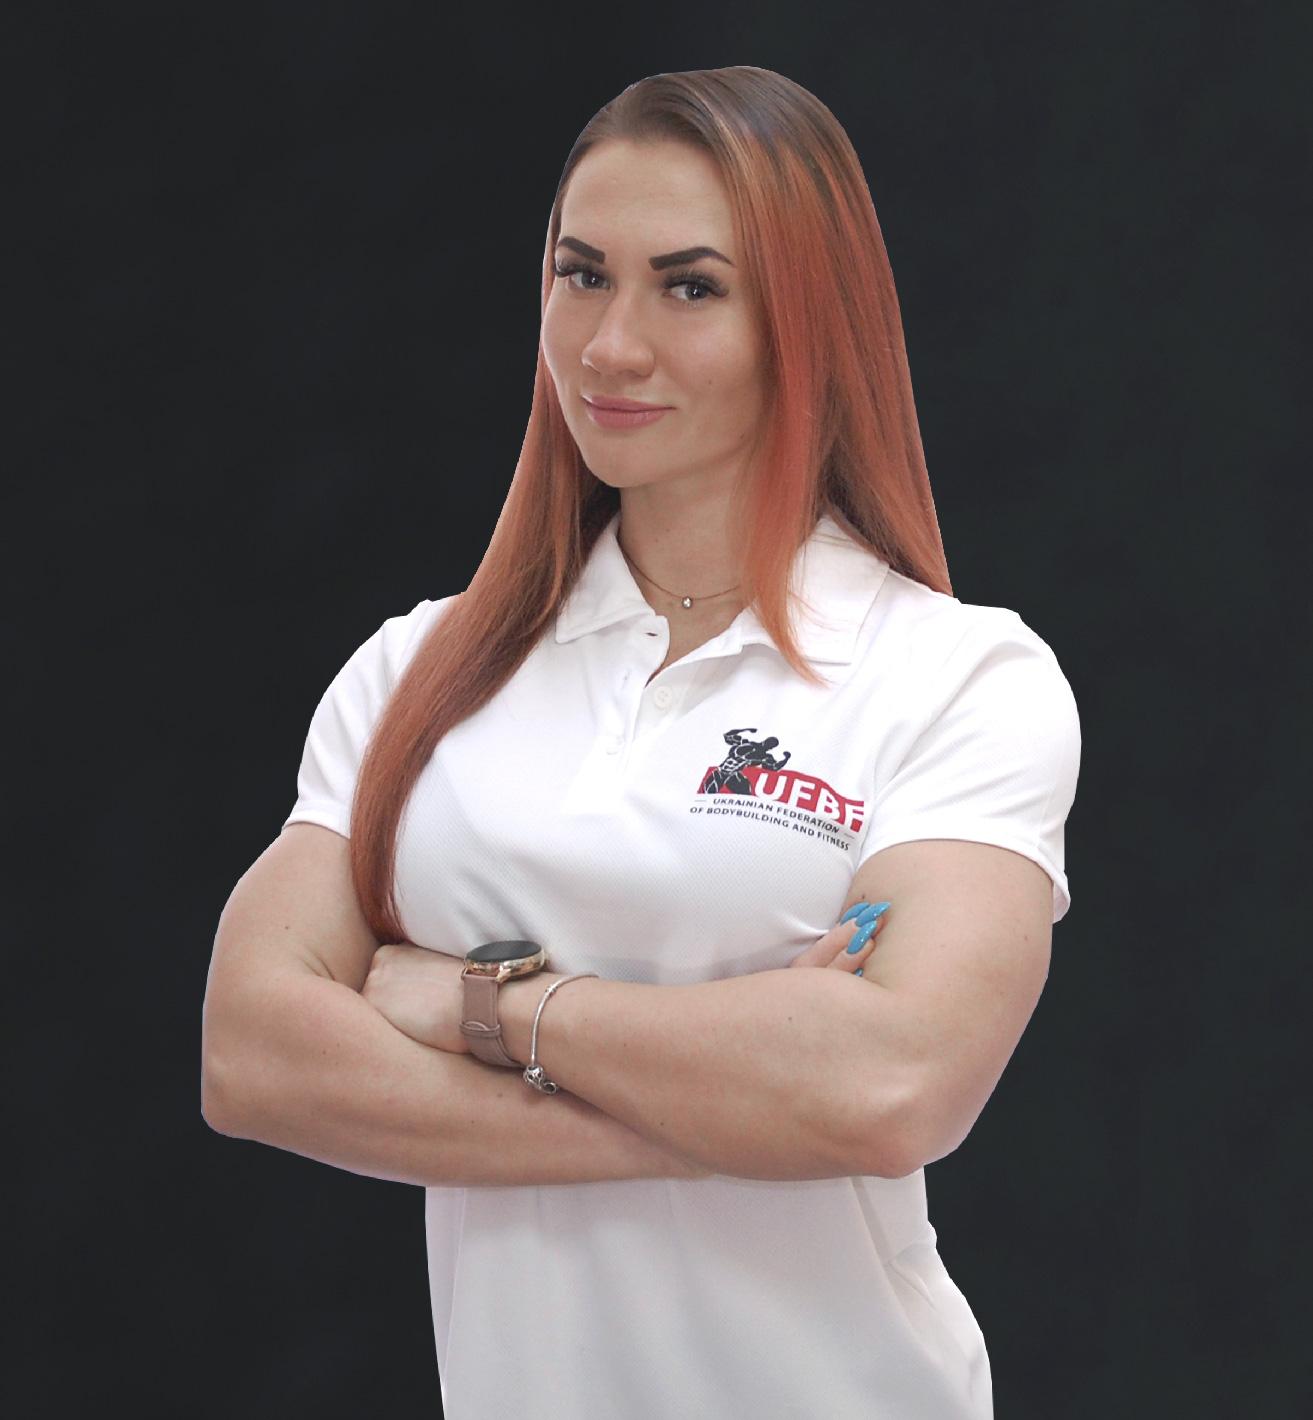 Yuliia Manuilovych